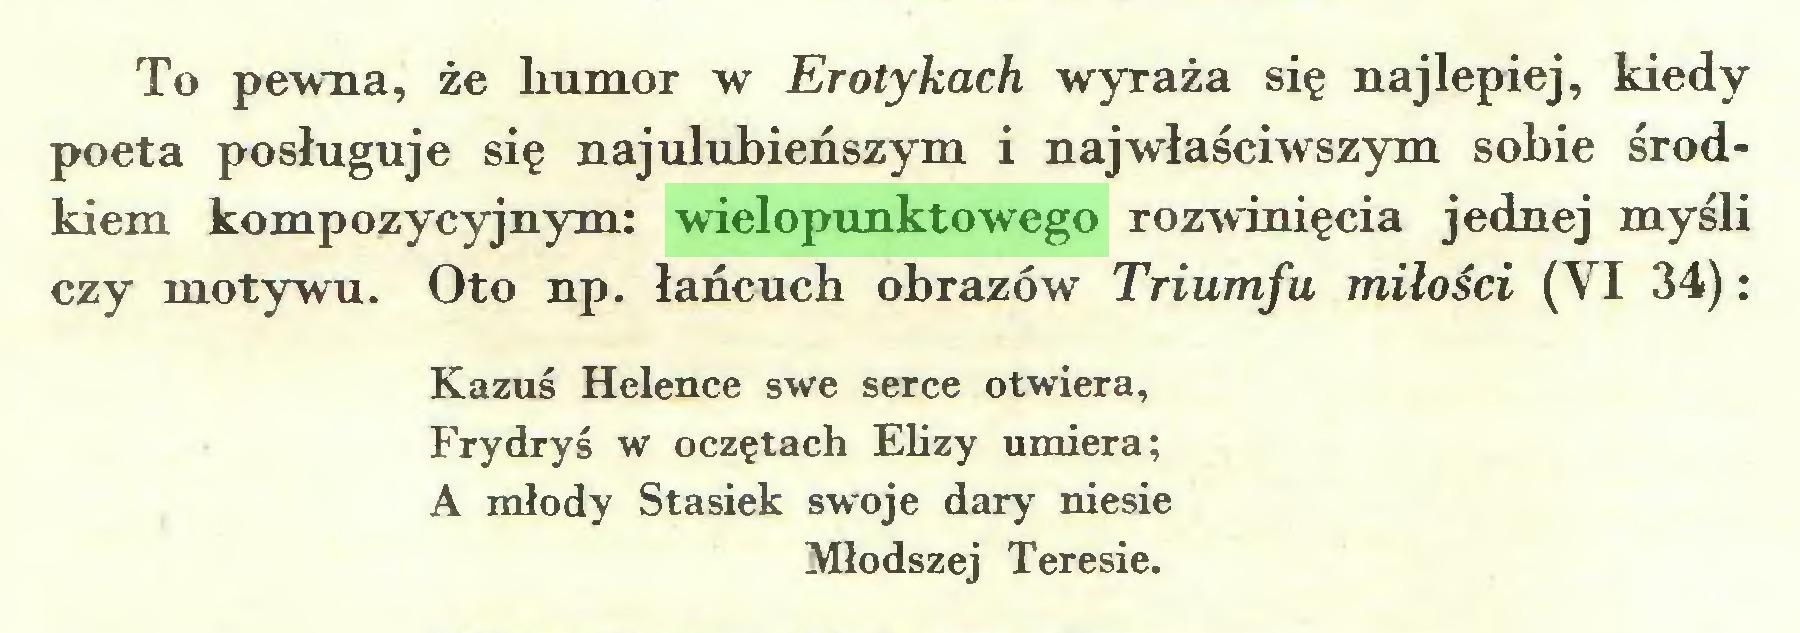 (...) To pewna, że humor w Erotykach wyraża się najlepiej, kiedy poeta posługuje się najulubieńszym i najwłaściwszym sobie środkiem kompozycyjnym: wielopunktowego rozwinięcia jednej myśli czy motywu. Oto np. łańcuch obrazów Triumfu miłości (VI 34): Kazuś Helence swe serce otwiera, Frydryś w oczętach Elizy umiera; A młody Stasiek swoje dary niesie Młodszej Teresie...